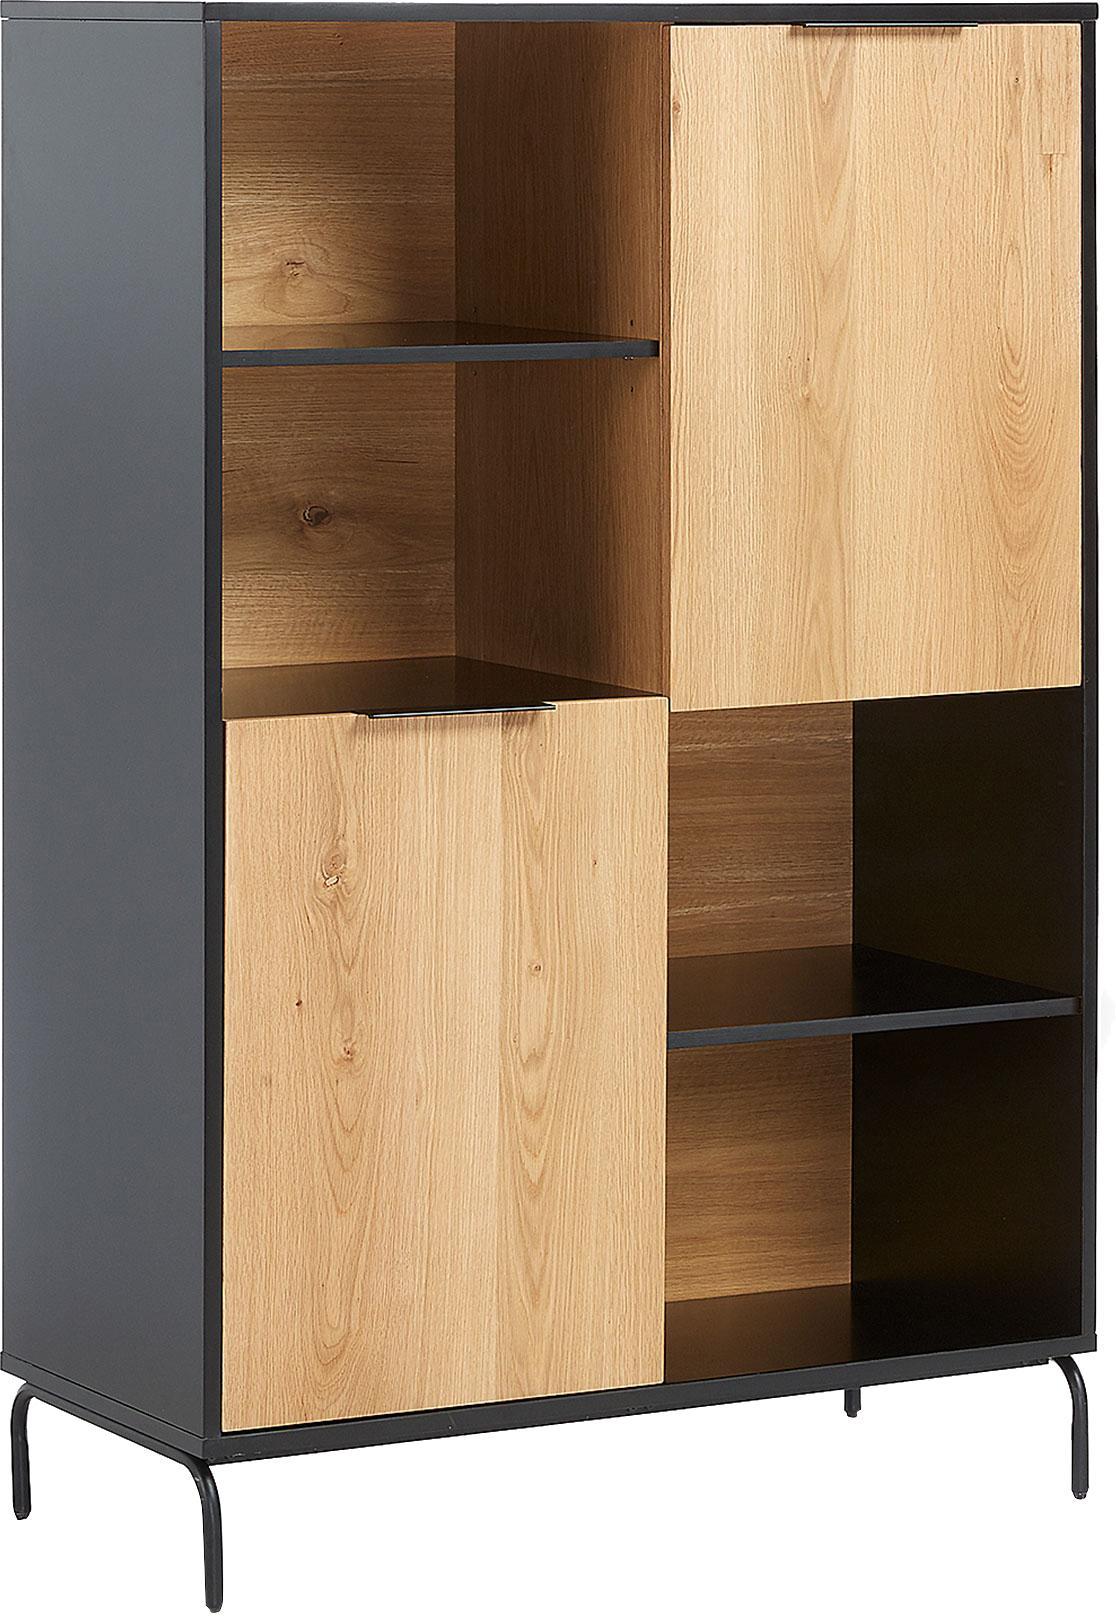 Highboard Stellar mit 2 Türen aus Eichenholzfurnier, Korpus: Mitteldichte Holzfaserpla, Front: Mitteldichte Holzfaserpla, Füße: Metall, beschichtet, Schwarz, Eichenholz, 100 x 150 cm